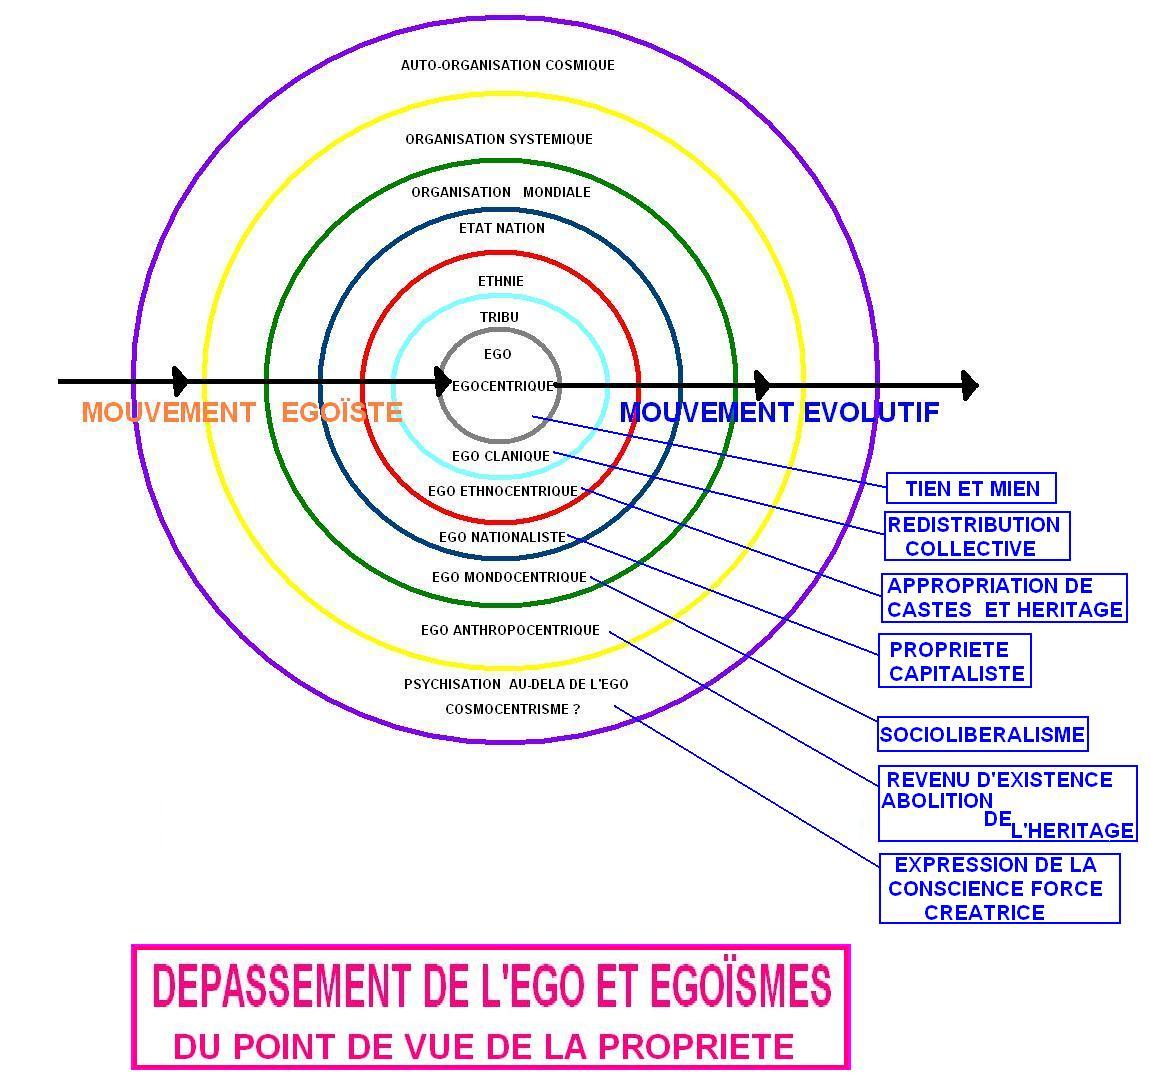 L'illusion de l'ego - Page 17 DEPASSEMENT+EGO+ET+EGO%C3%8FSME+PROPRIETE